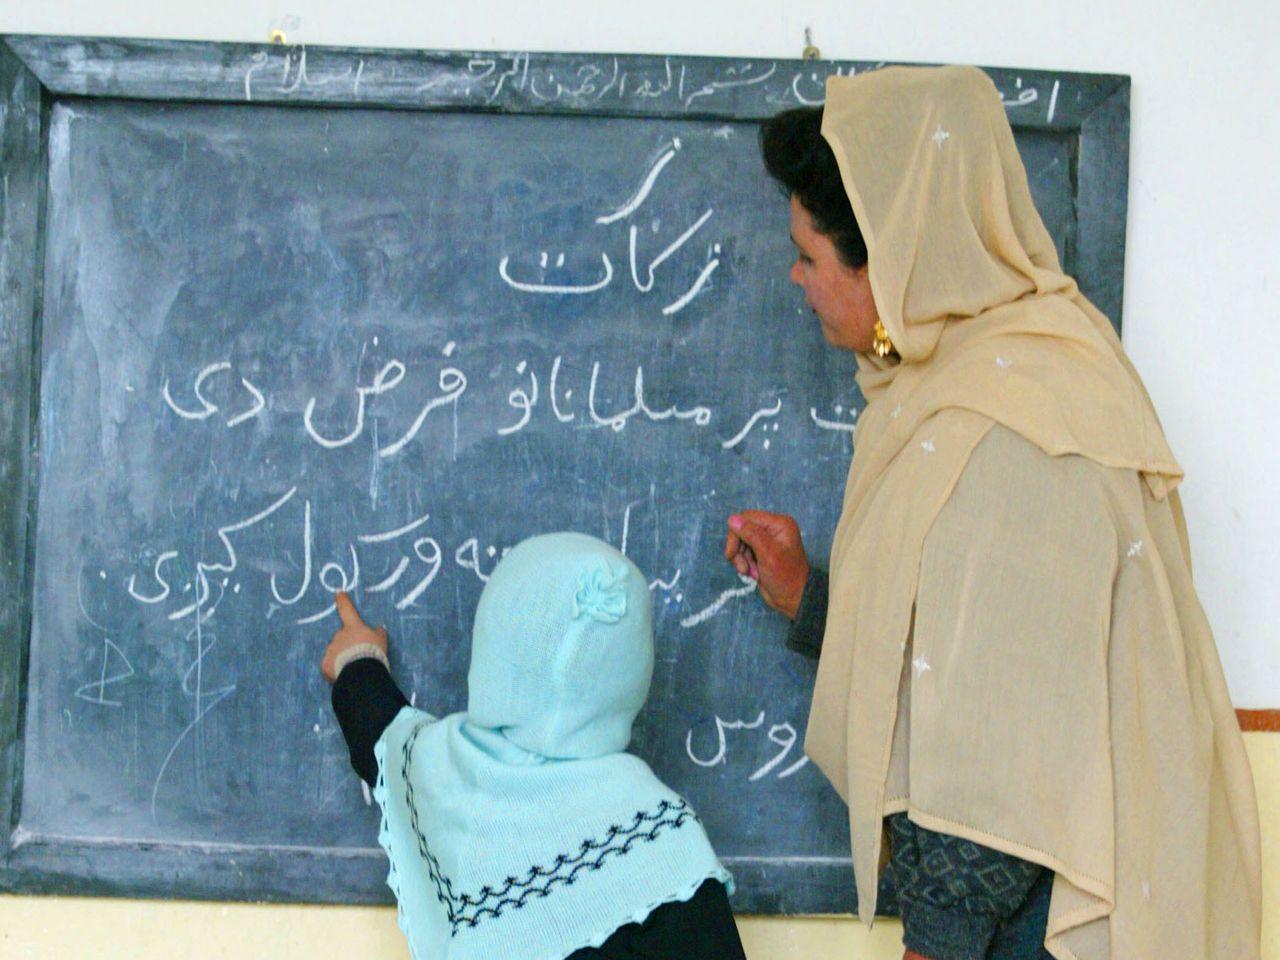 Frauenrechtlerinnen fordern die Weltbank auf, Mittel für die Bezahlung afghanischer Lehrer freizugeben